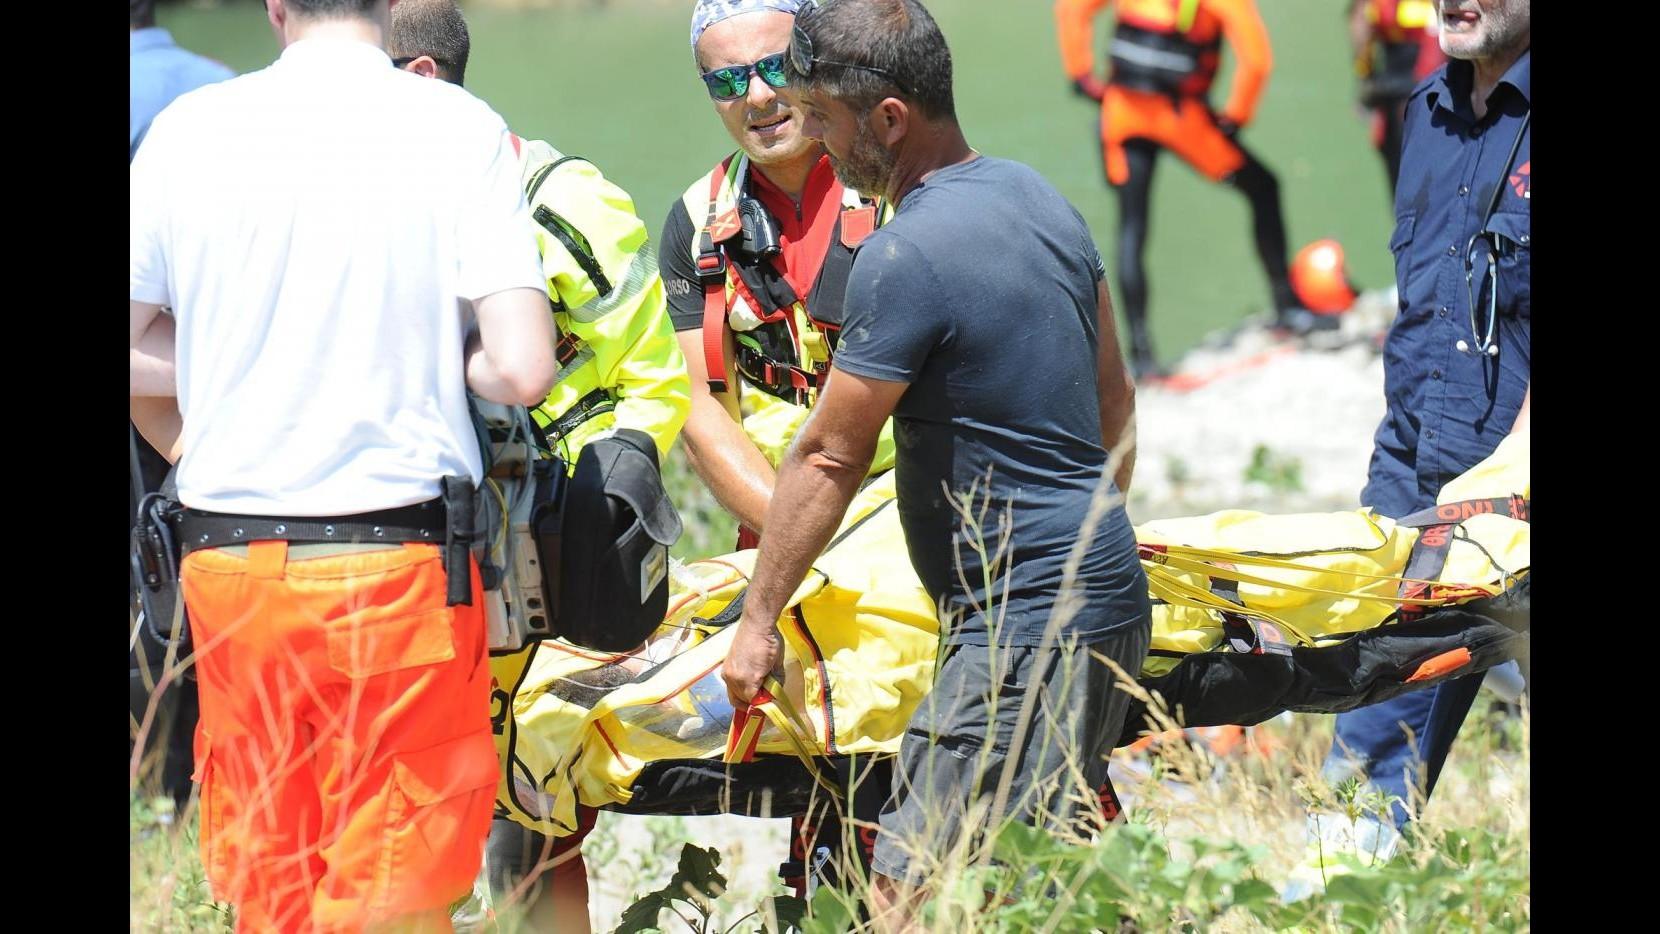 Sassuolo, tragedia nel fiume Secchia: morte due sorelle, una in rianimazione